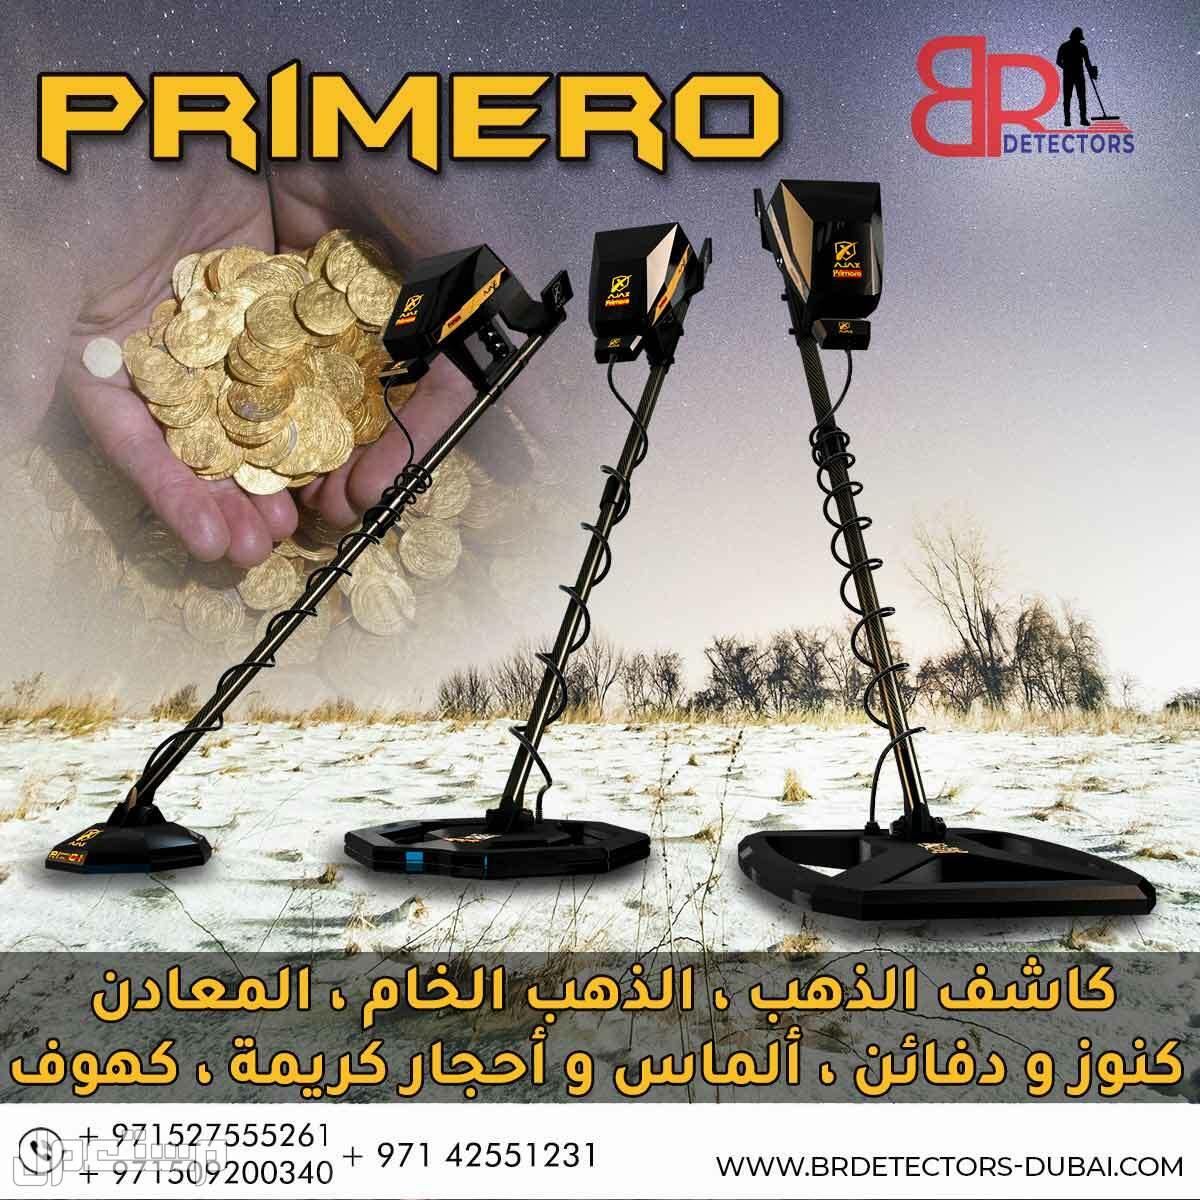 جهاز كشف الذهب في السعودية - بريميرو الافضل عالميا